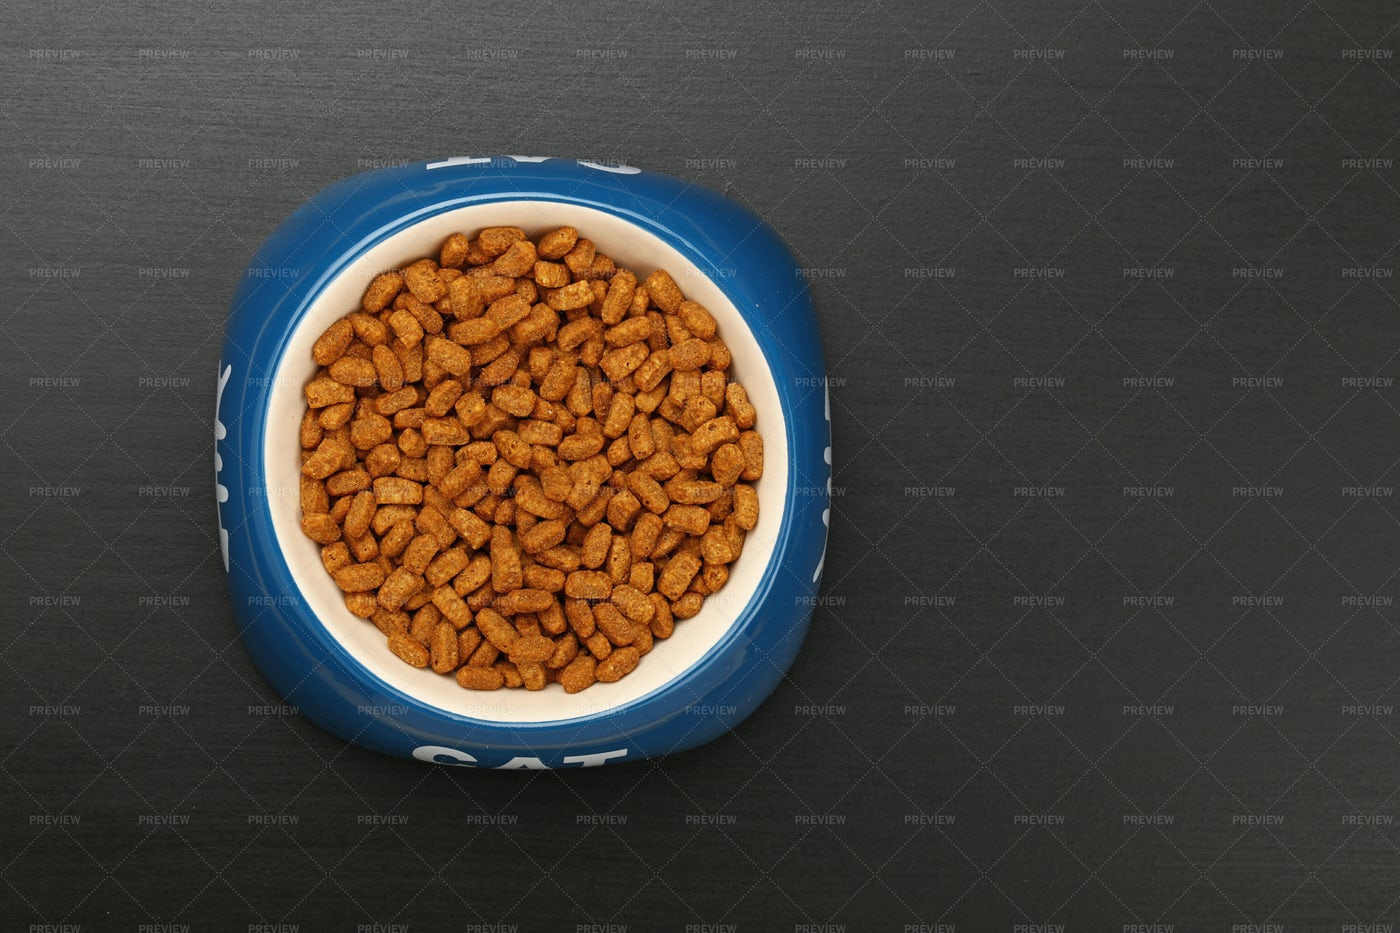 Dry Cat Food: Stock Photos